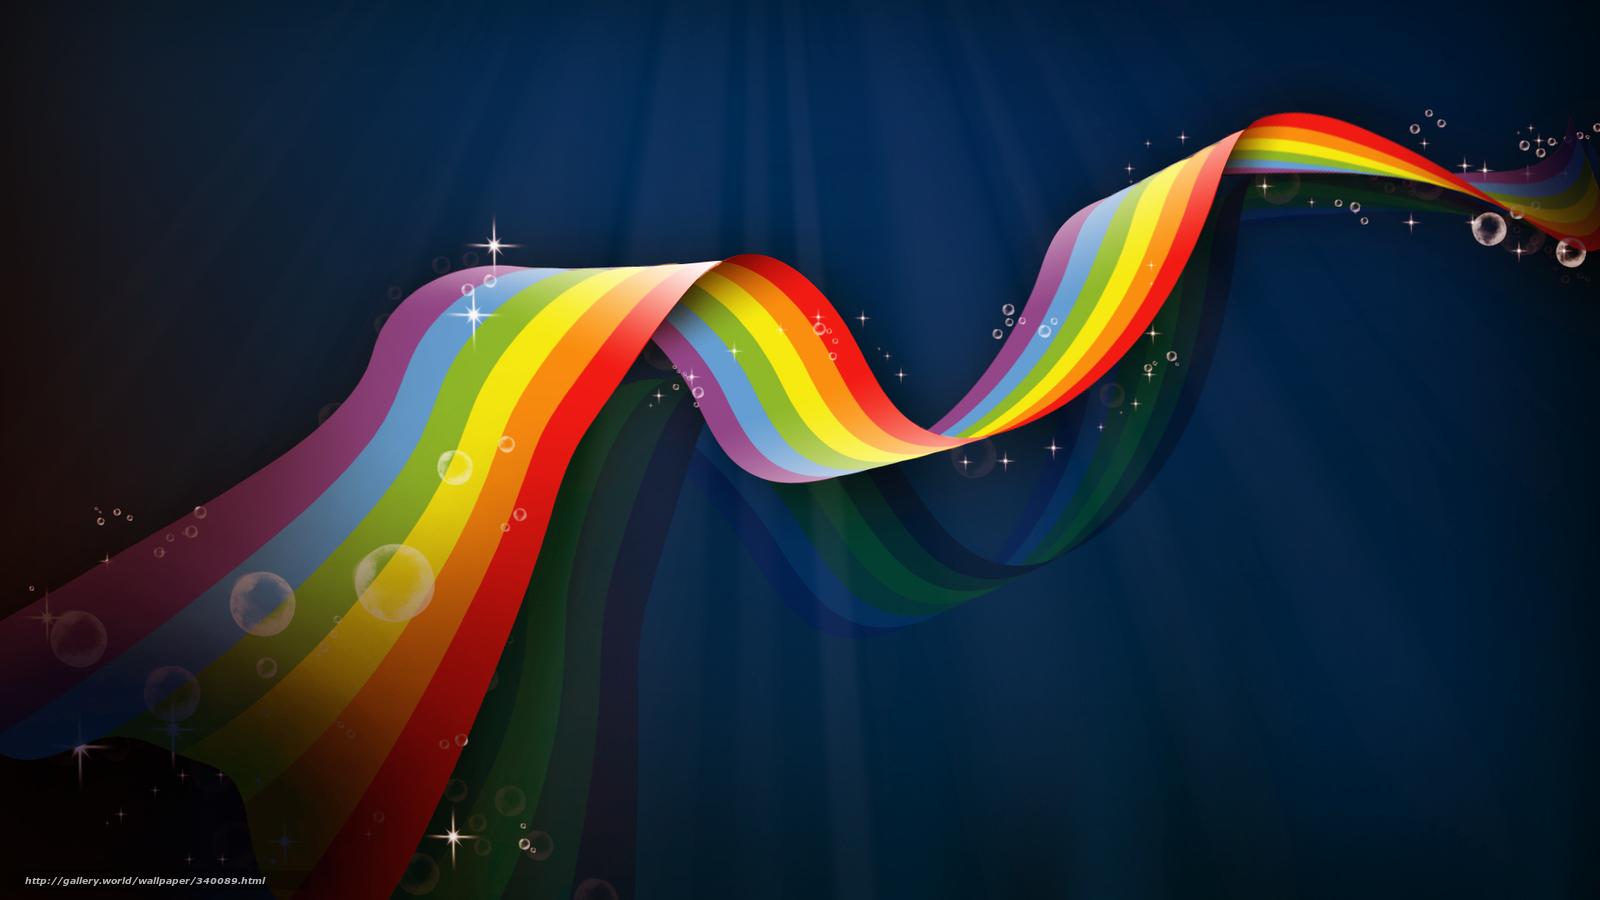 Download Hintergrund Abstraktion, Farben, Regenbogen, Muster Freie ...